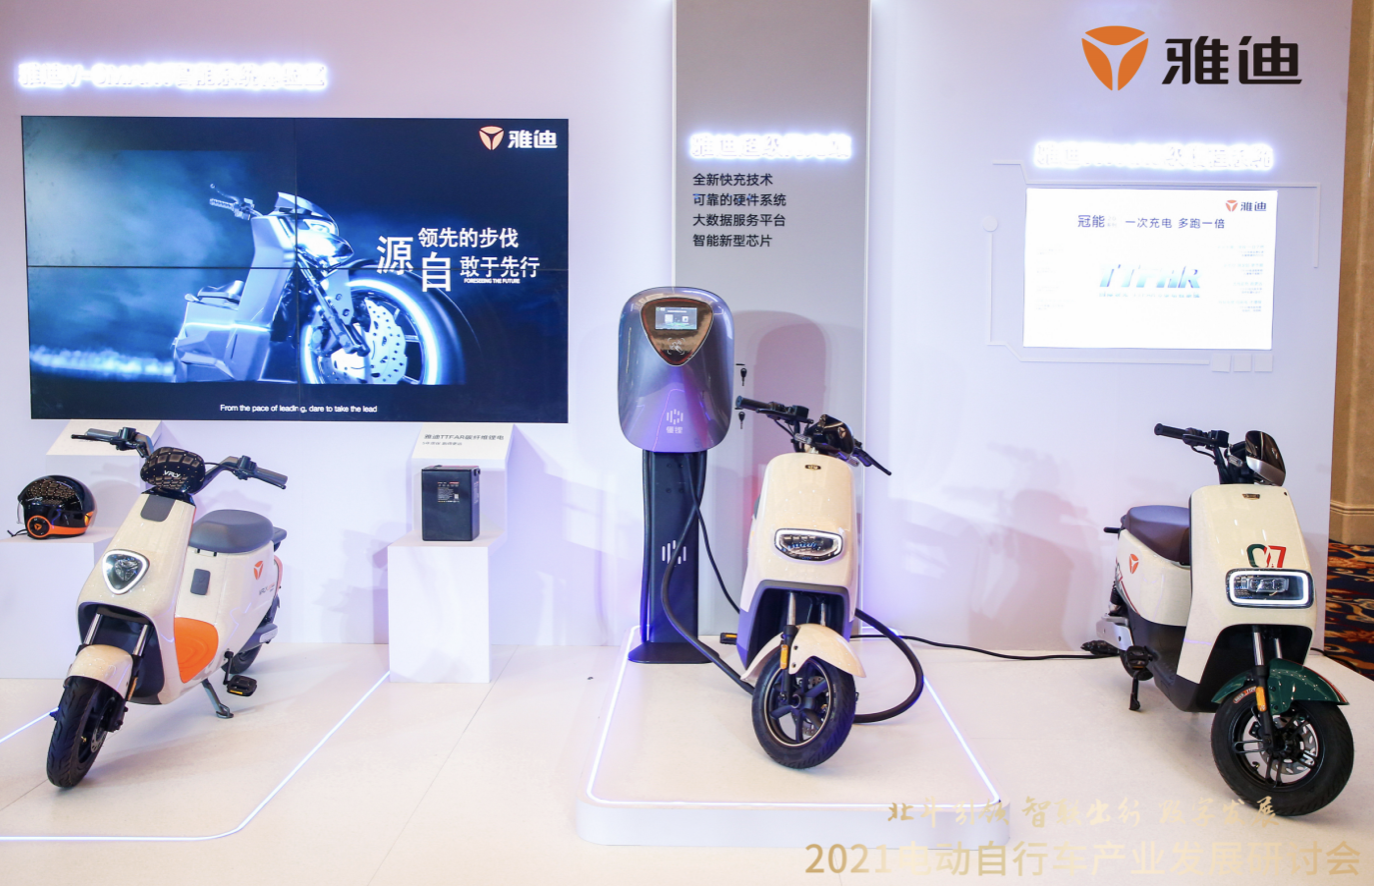 雅迪联合北斗率先发力,引领电动自行车行业走向智联化 智能公会